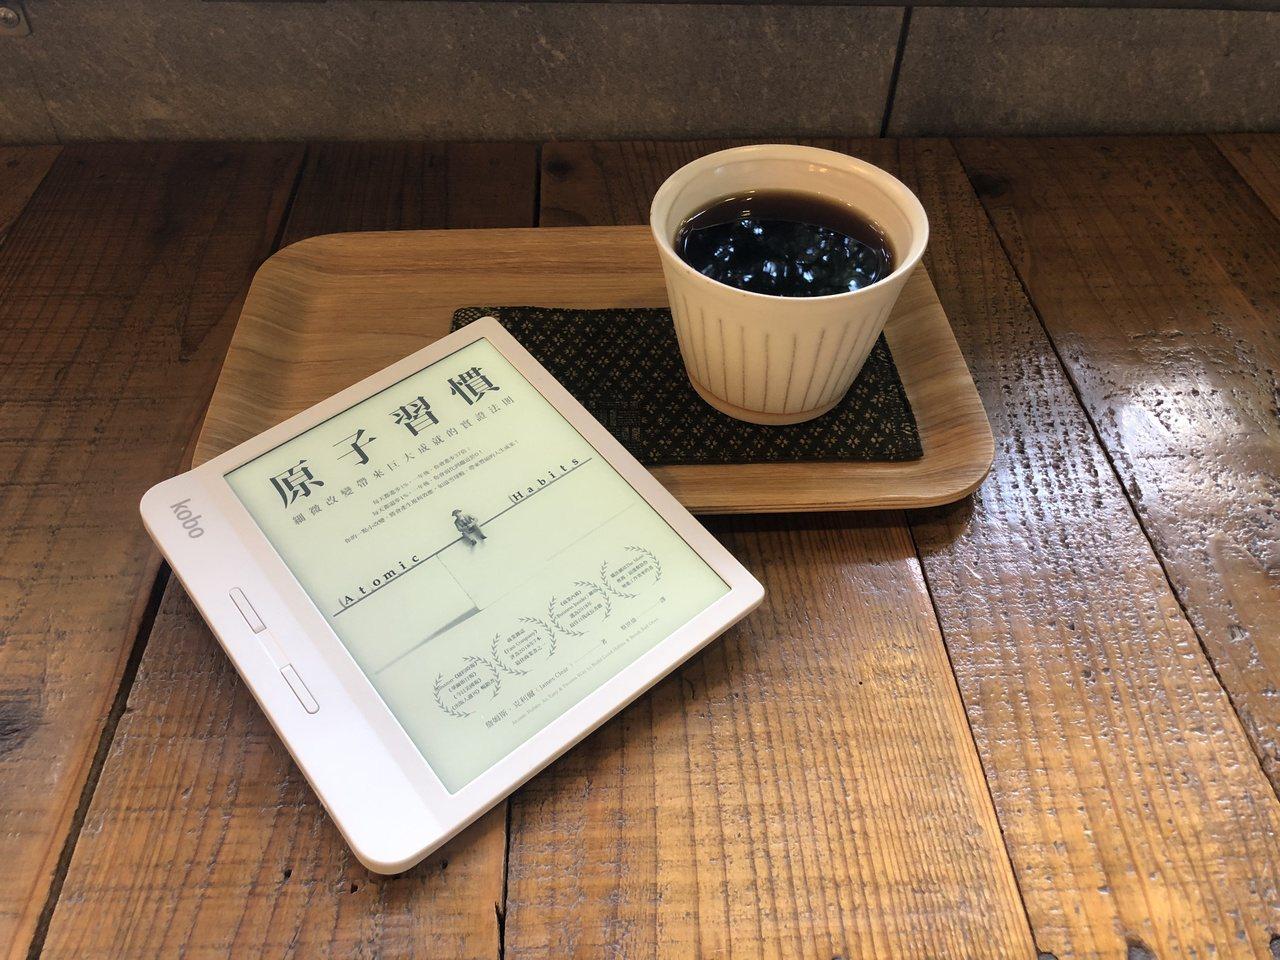 Kobo Libra H2O電子書閱讀器具有7吋螢幕,具防水功能,還有利於單手翻...